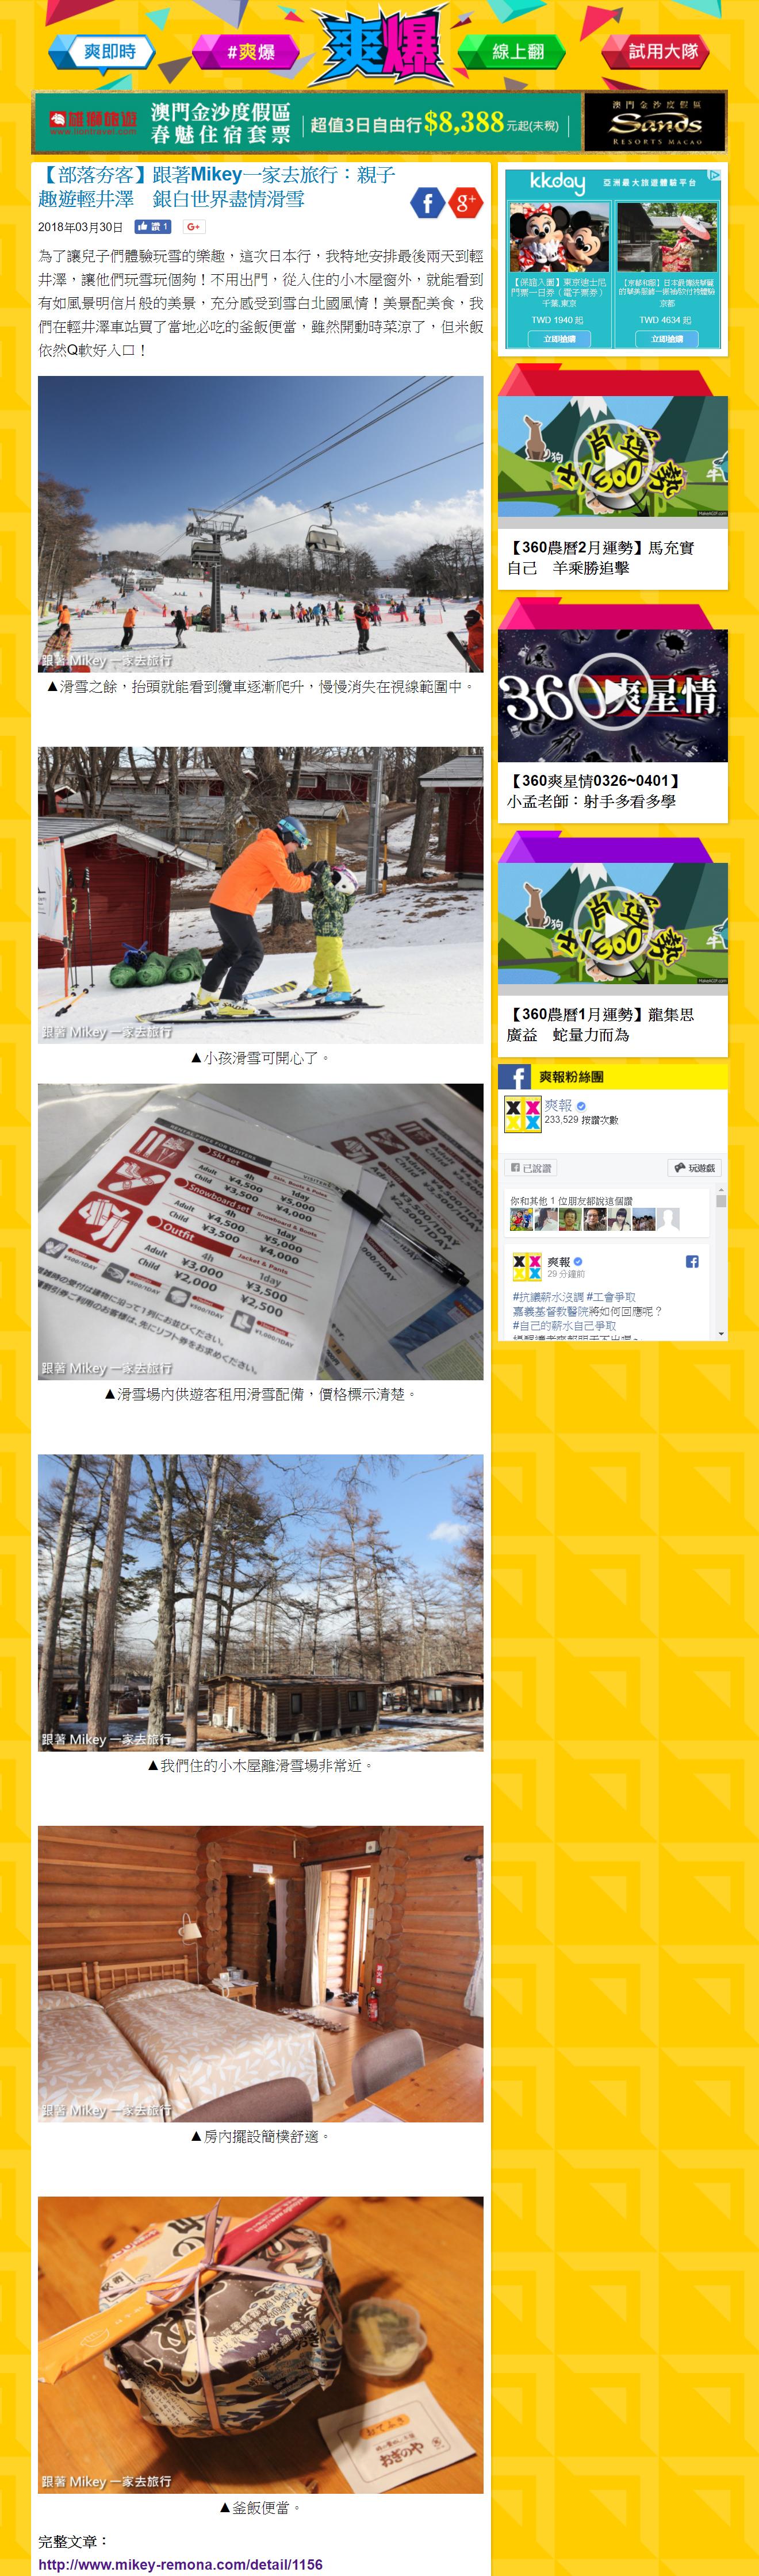 跟著 Mikey 一家去旅行 - 【 媒體露出 】爽報 - 部落夯客 - 『 親子趣遊輕井澤 銀白世界盡情滑雪 』